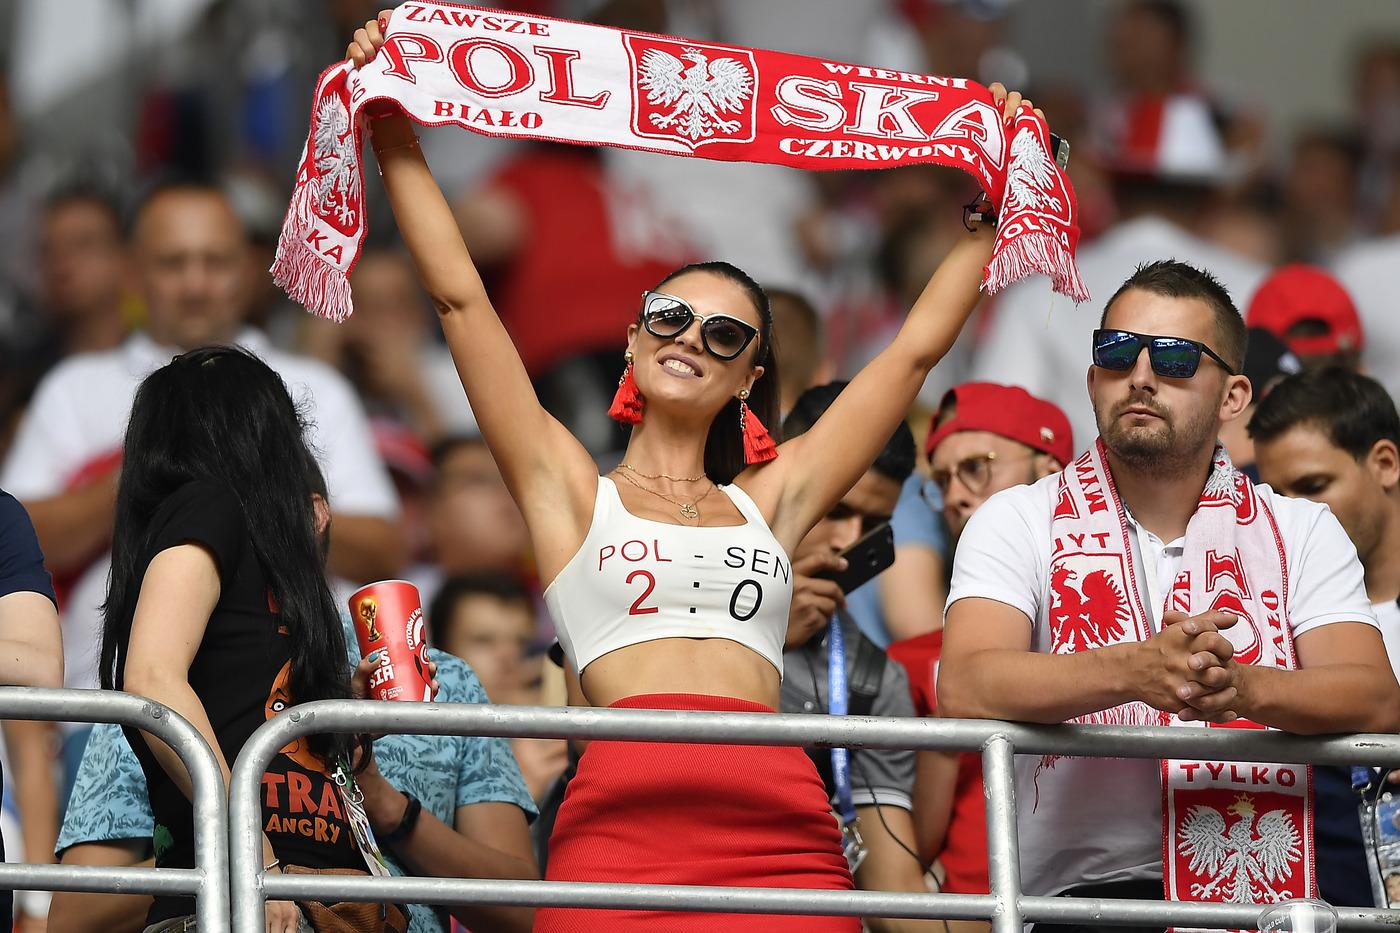 Ekstraklasa Polonia 19 ottobre: si giocano 2 gare della 12 esima giornata del campionato polacco. Lechia e Legia in vetta a 21 punti.